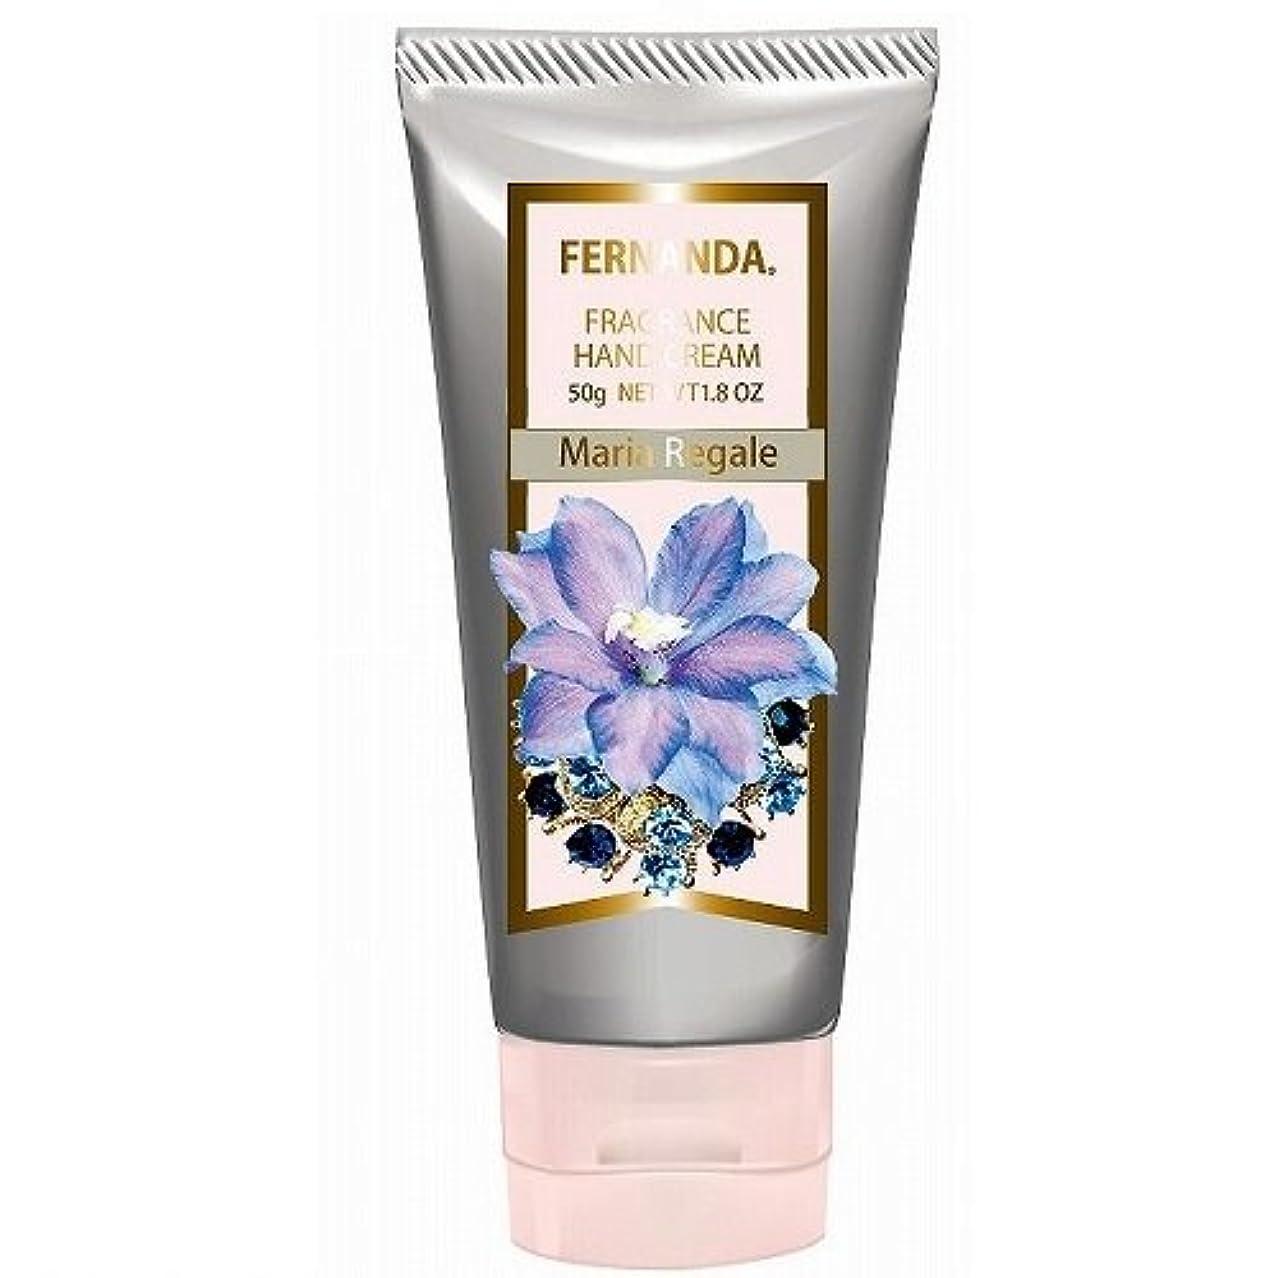 ミサイル伝統的年FERNANDA(フェルナンダ) Hand Cream Maria Regale (ハンド クリーム マリアリゲル)